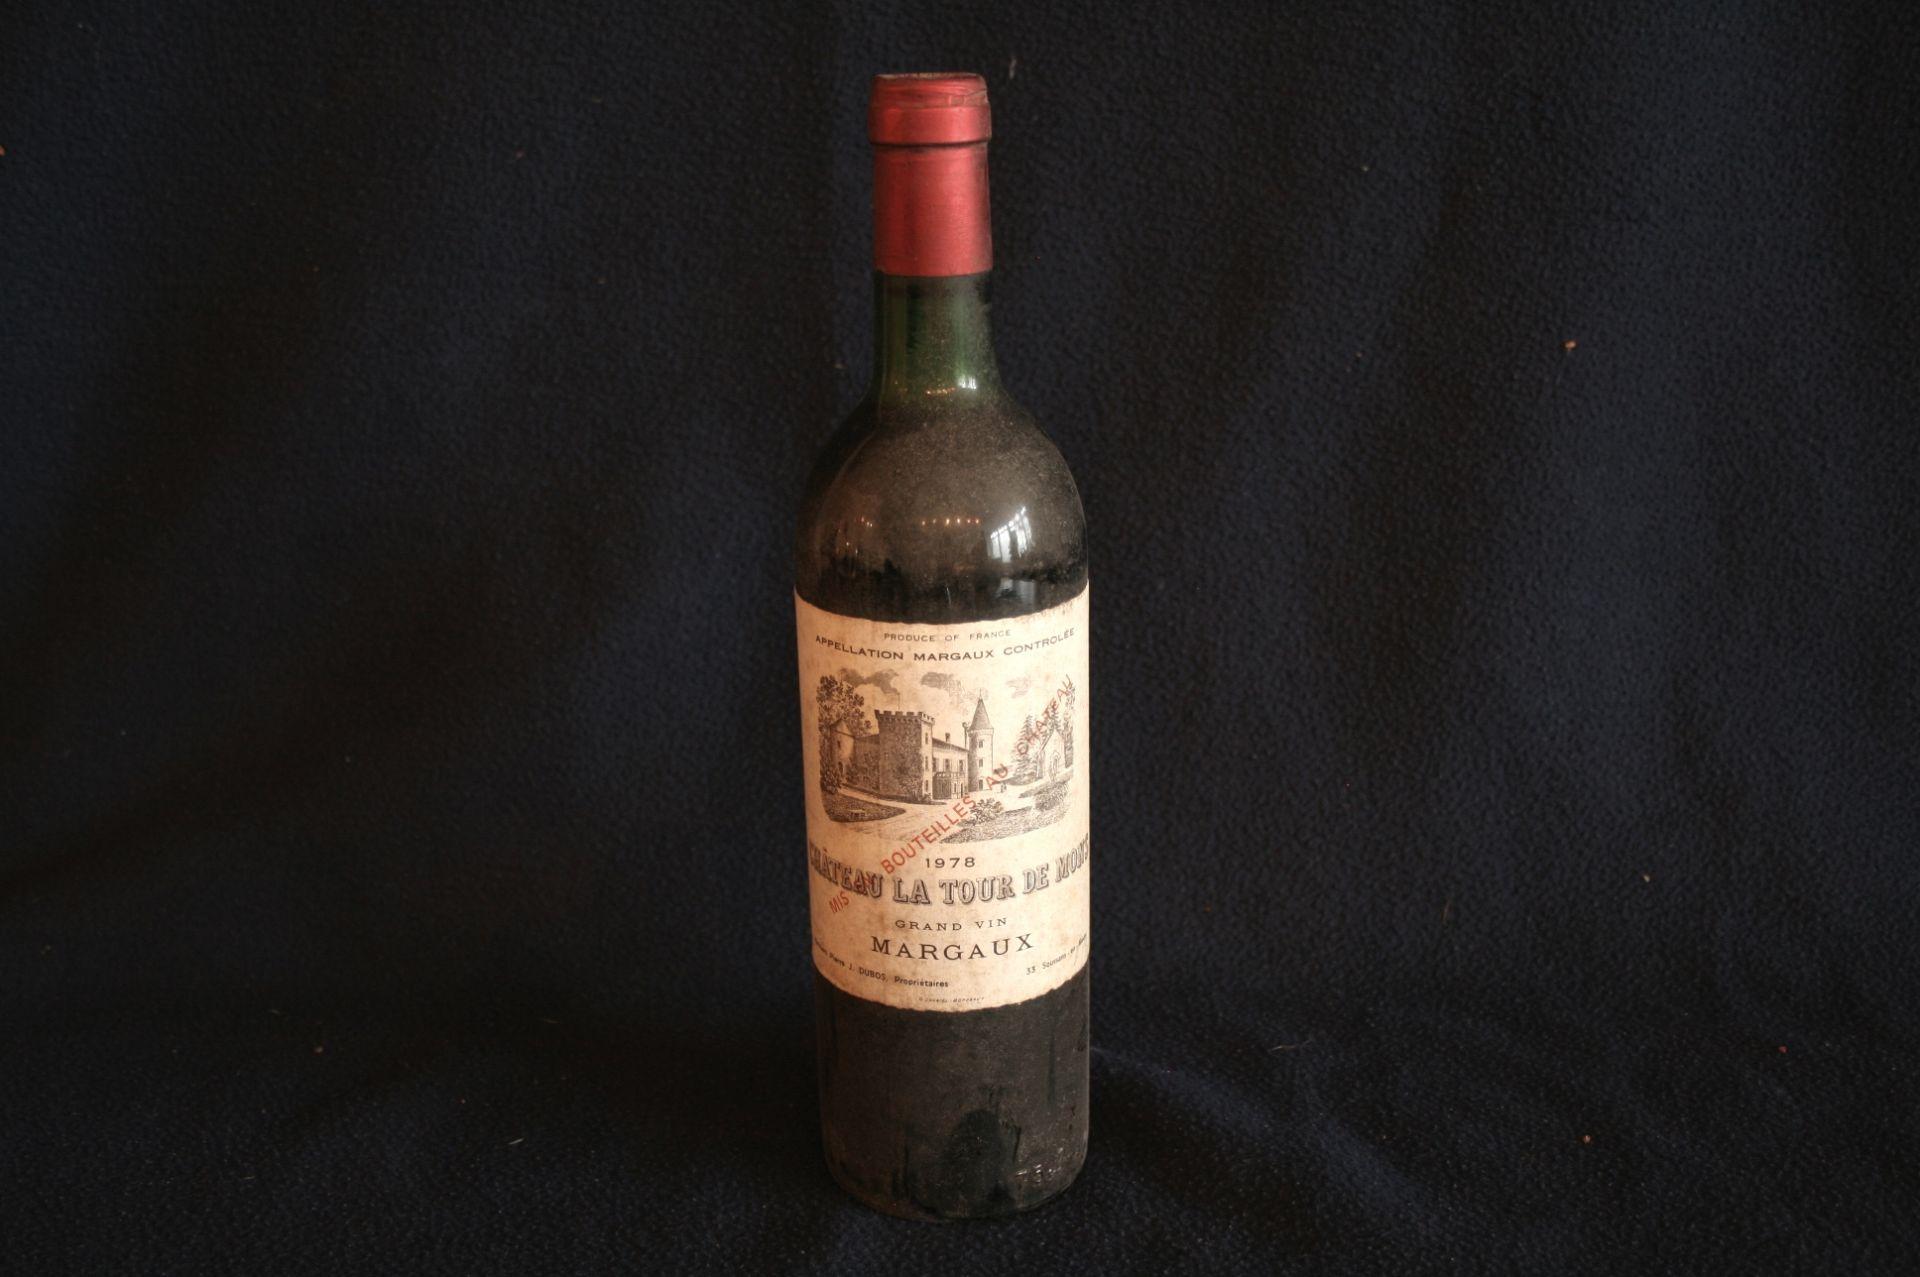 Los 53 - 1 bouteille de Bordeaux MARGAUX, rouge : Château La Tour de Mons, 1978 - 1 bottle of [...]